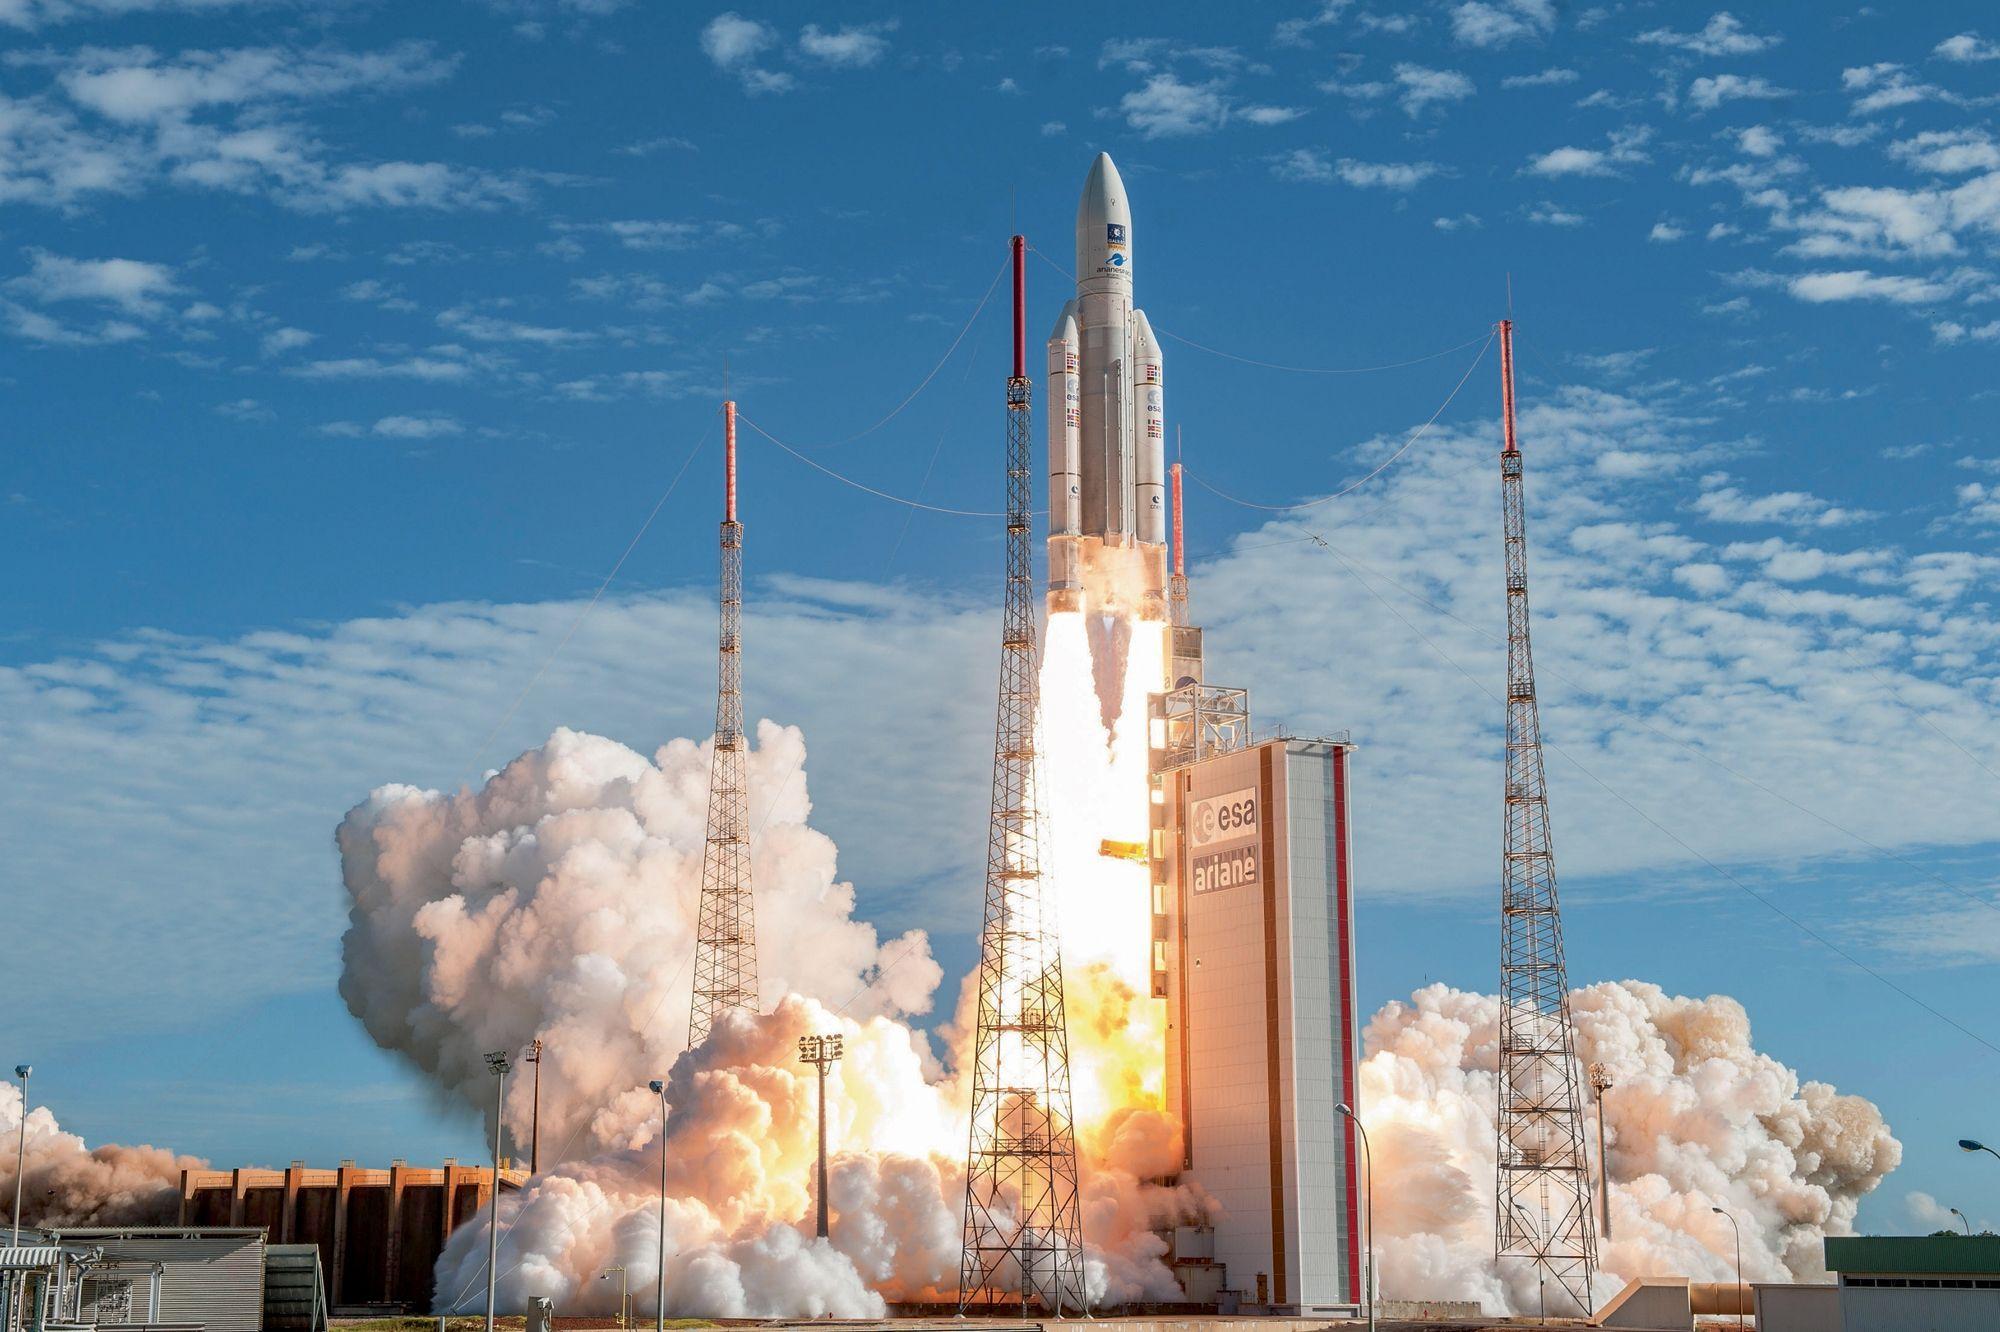 Calendrier Lancement Ariane 2019.Pour La France La Conquete Spatiale Continue